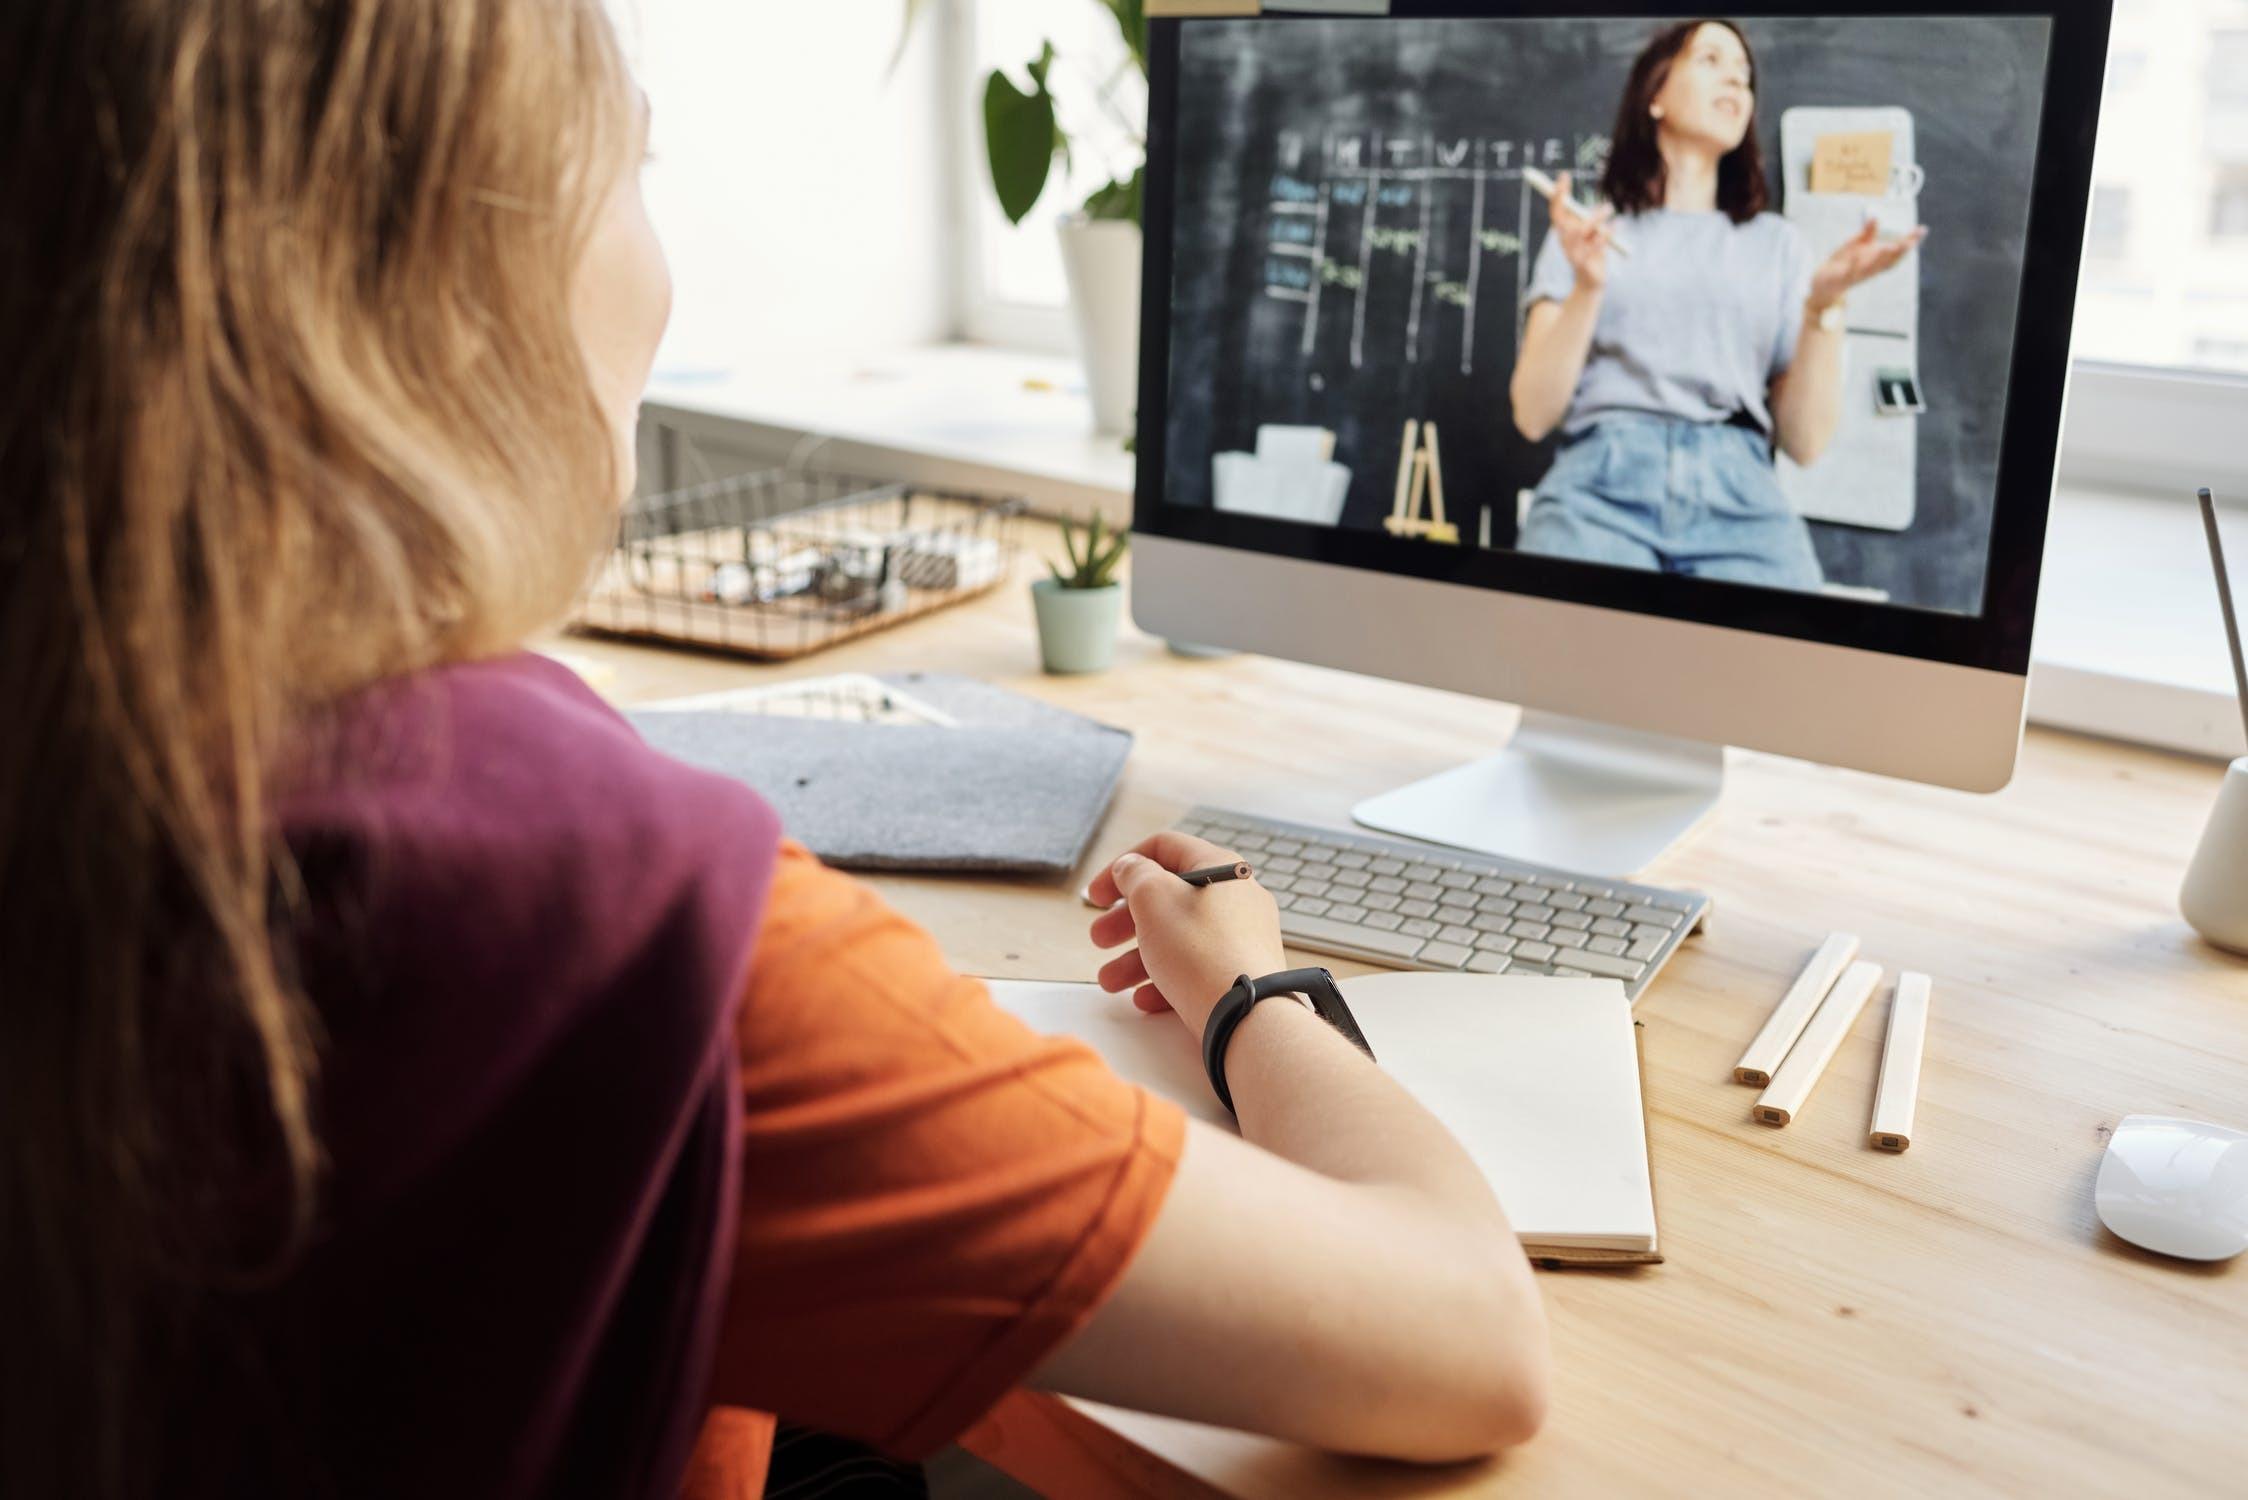 Ini Cara yang Bisa Dilakukan Guru agar Suasana Belajar Online Jadi Lebih Seru